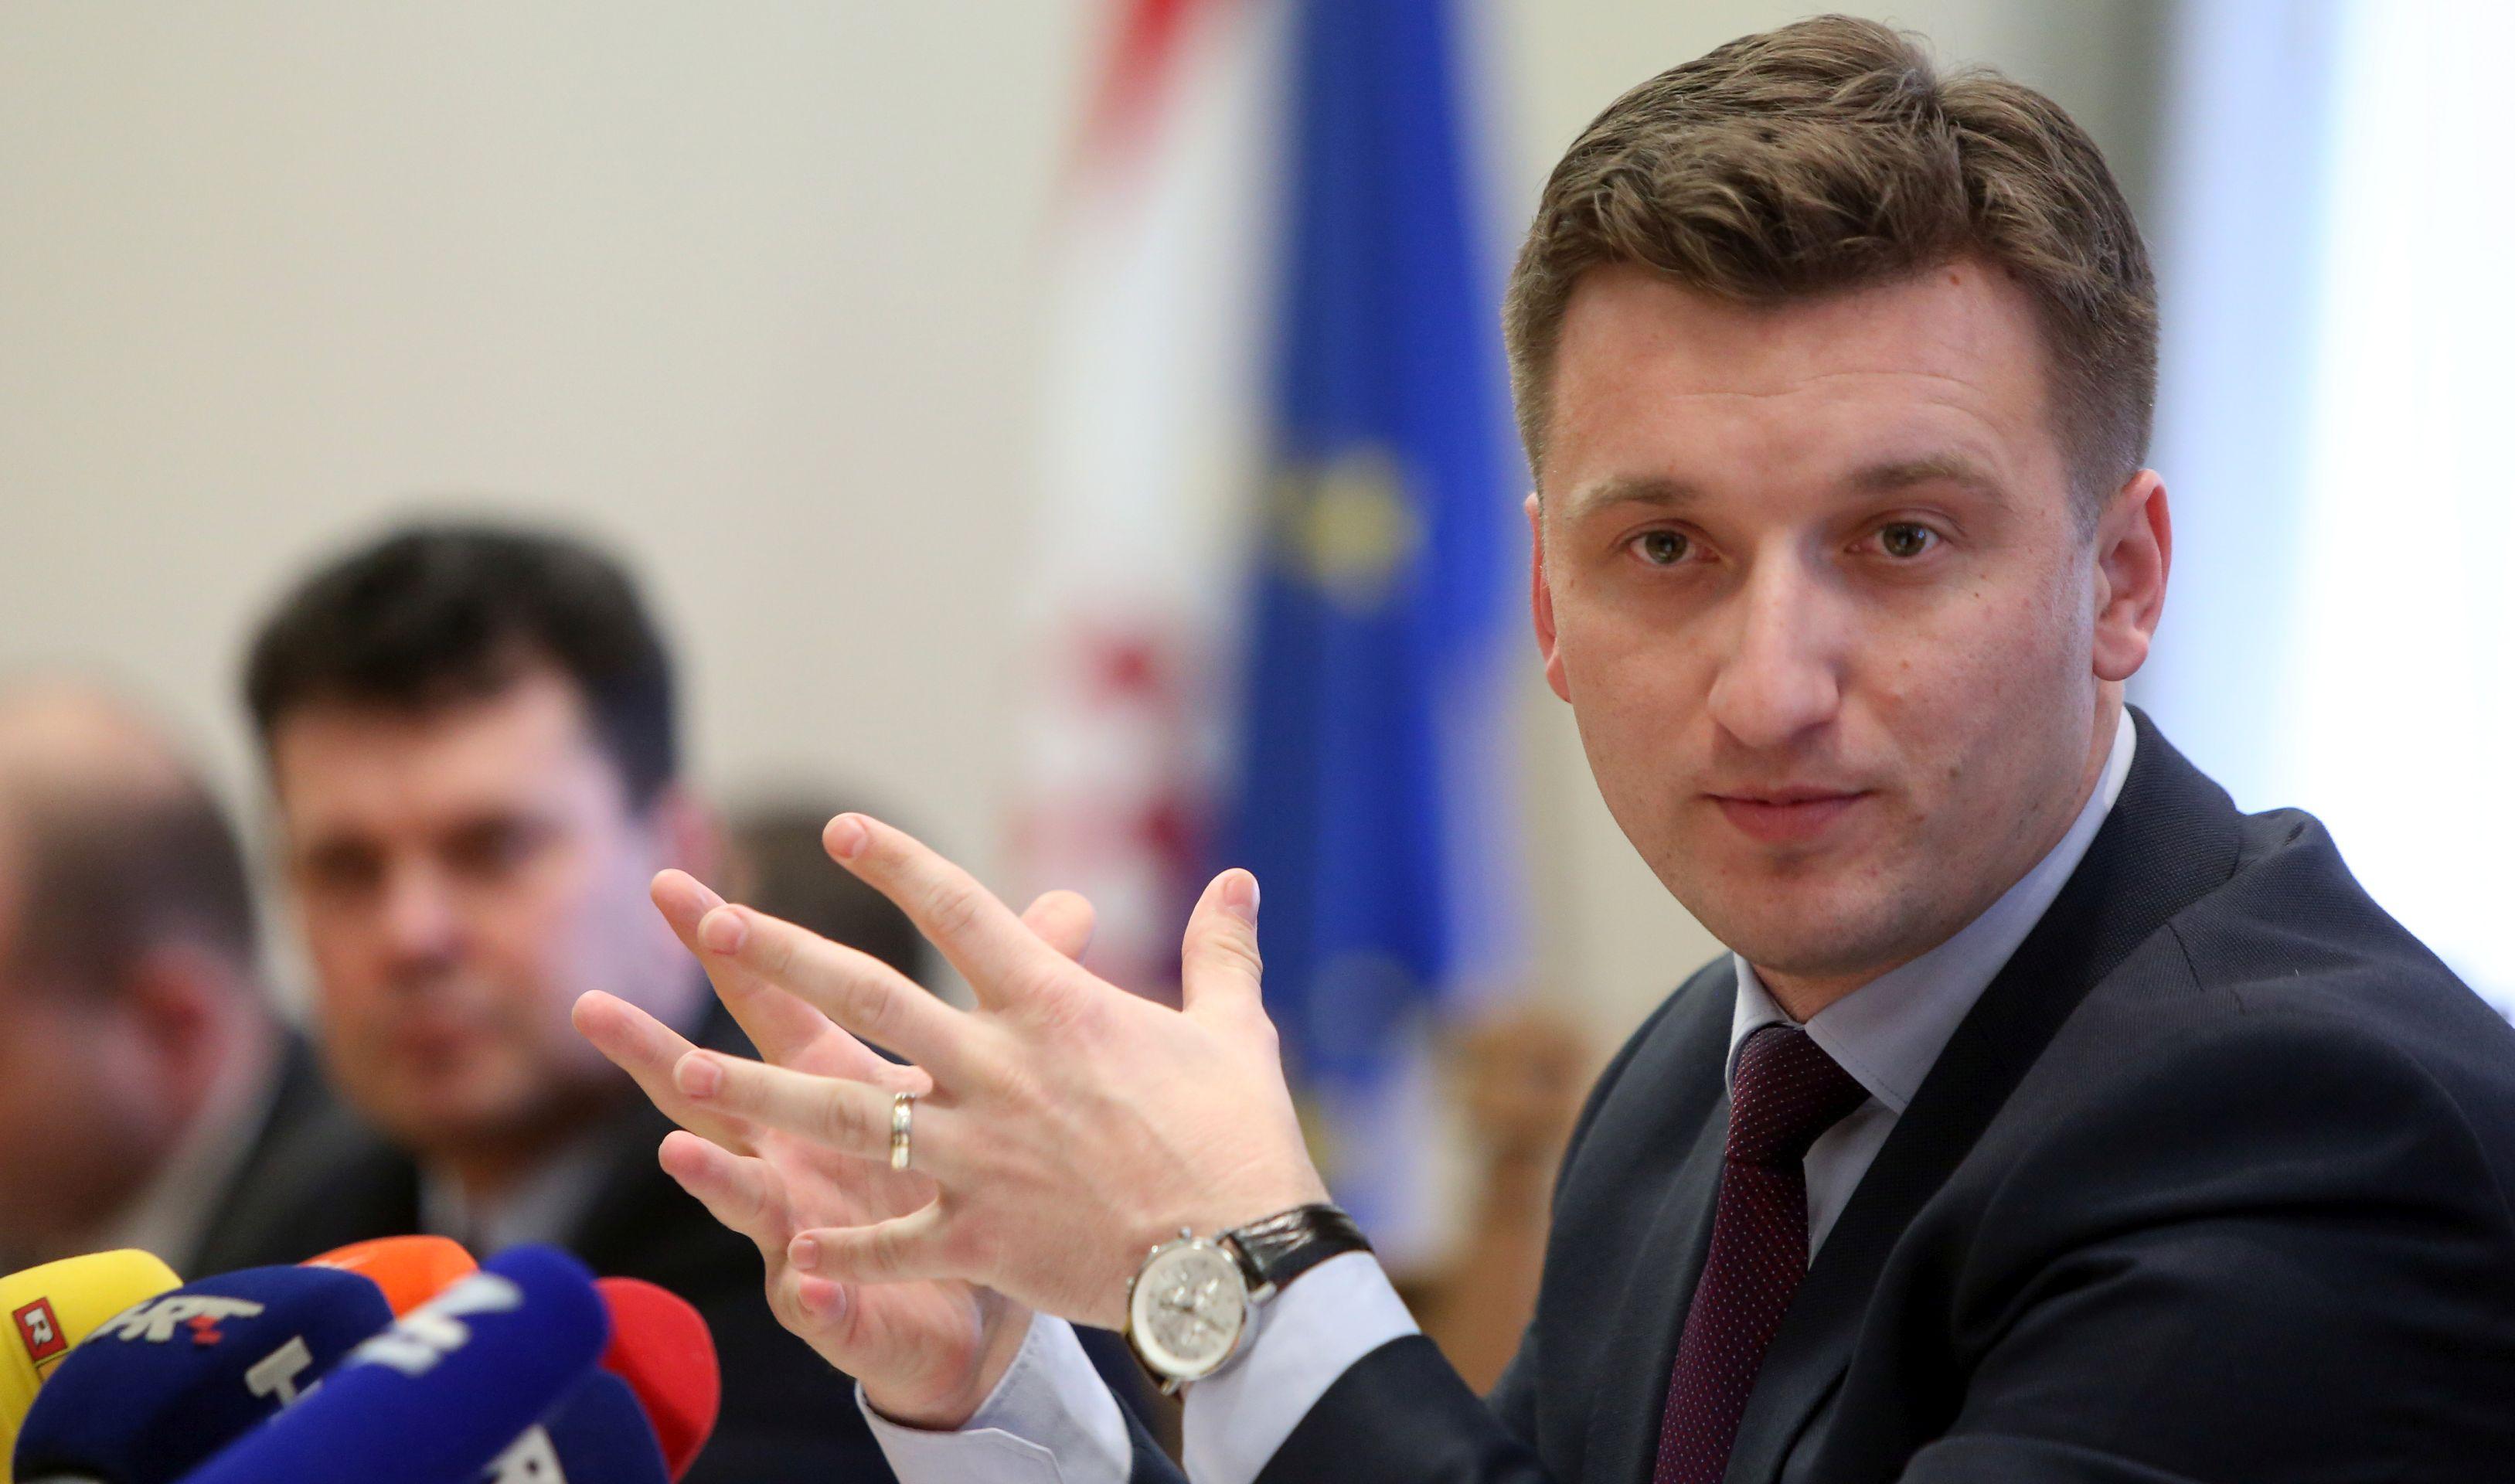 Podrška nestranačkom kandidatu za krapinsko-zagorskog župana Dragutinu Ranogajcu